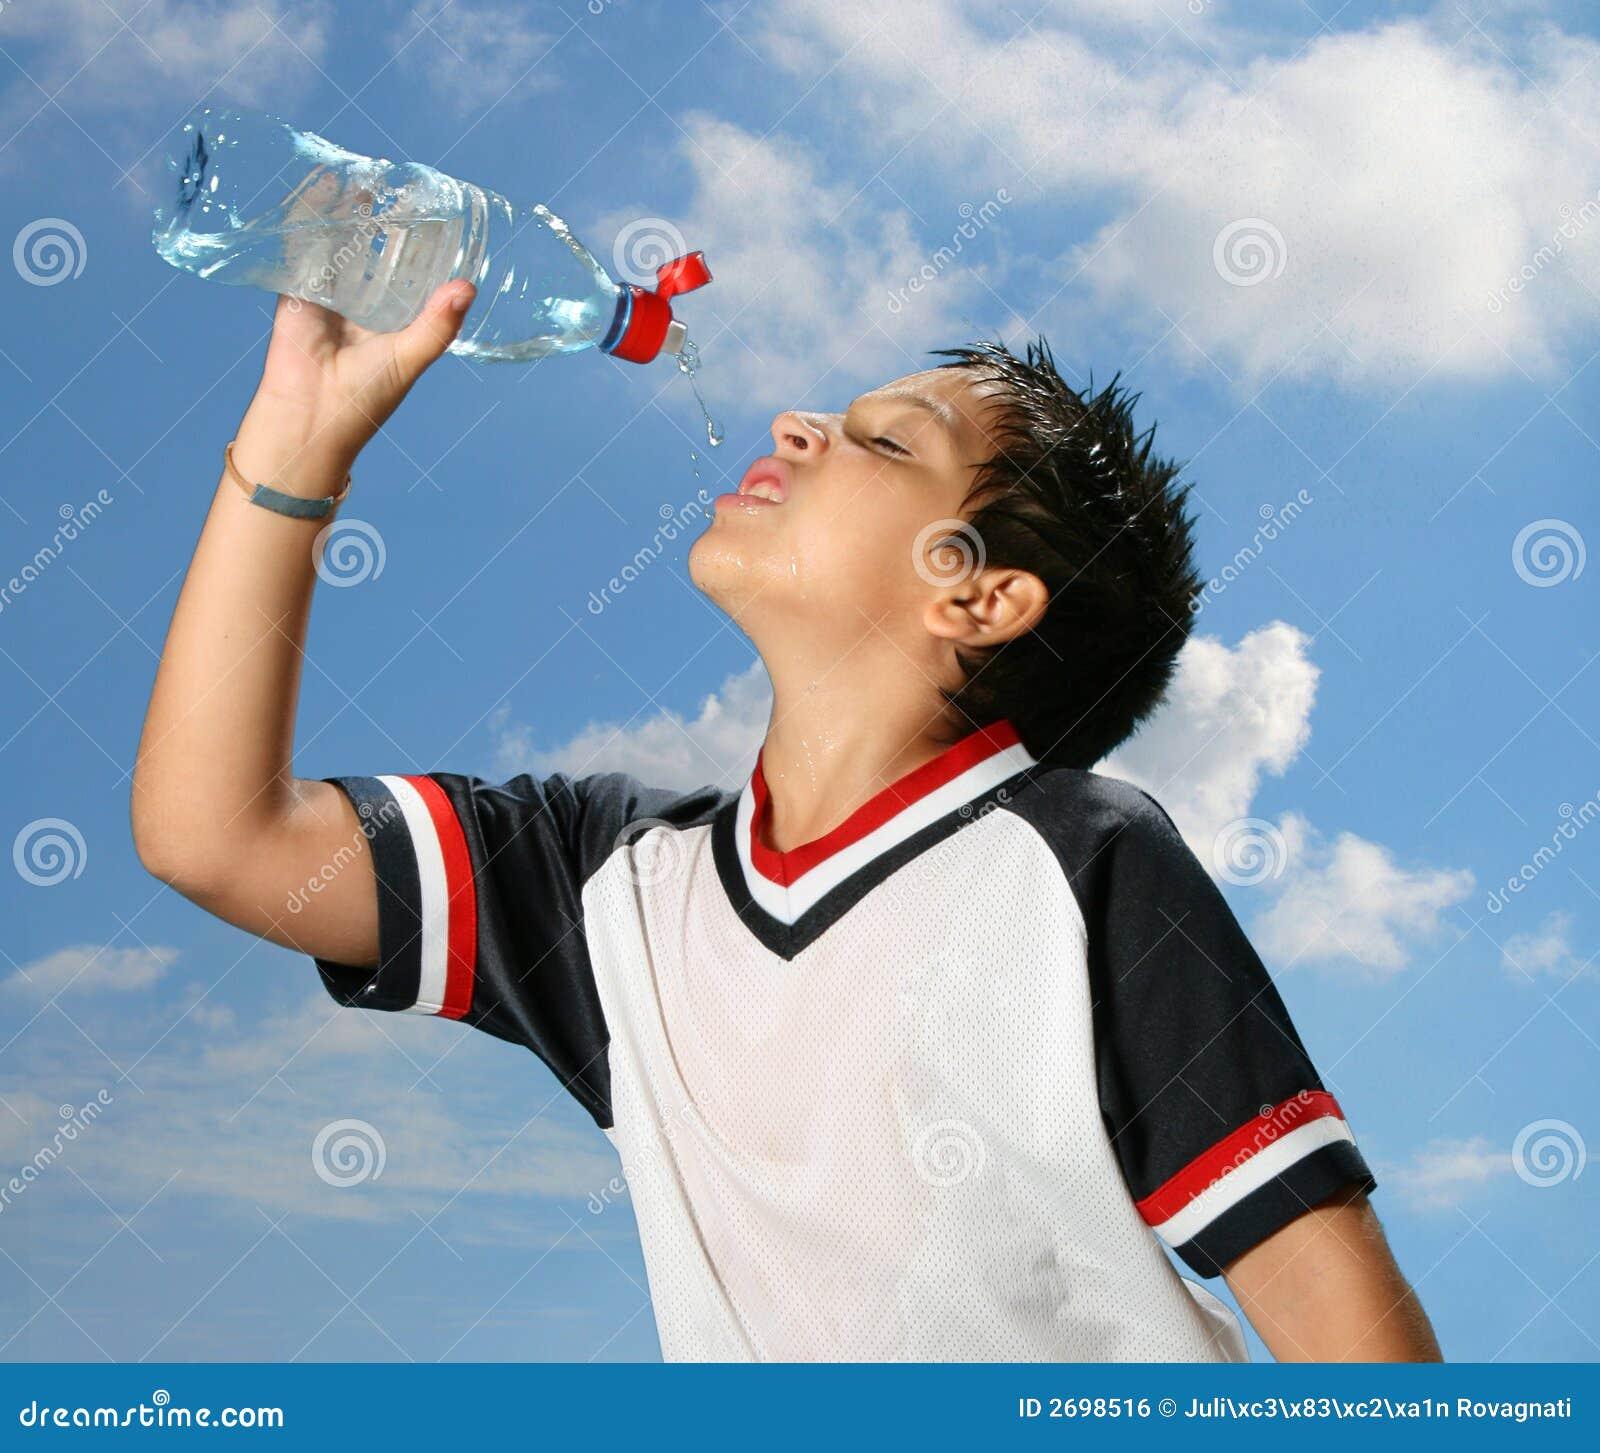 мальчик выпивая вне испытывающий жажду воду